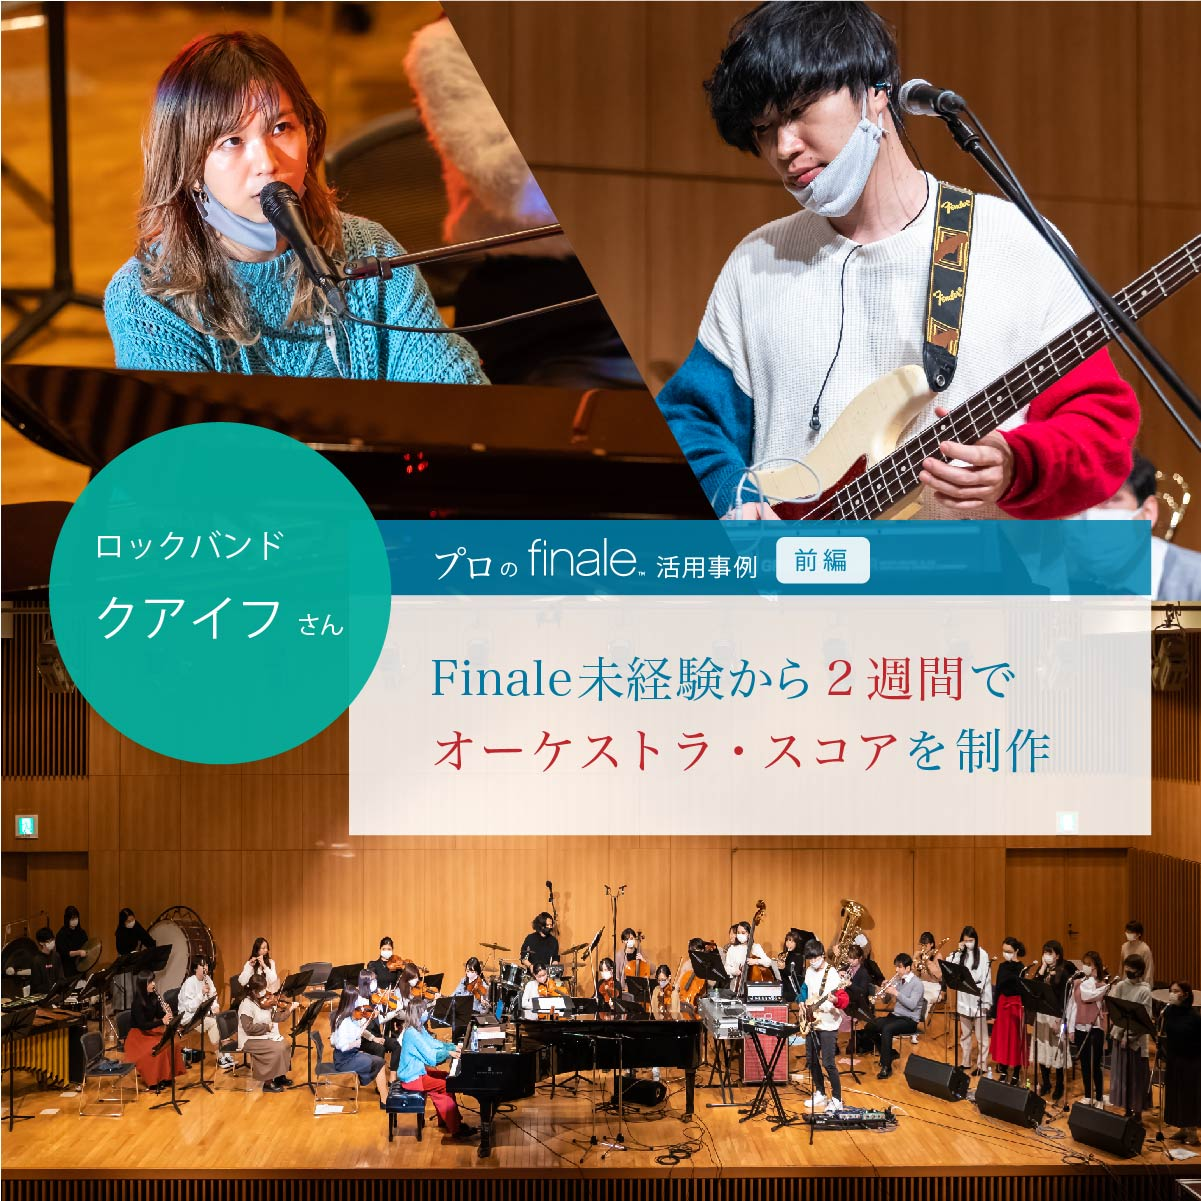 ロックバンド「クアイフ」、Finale未経験から2週間でオーケストラ共演用スコアを制作(前編)